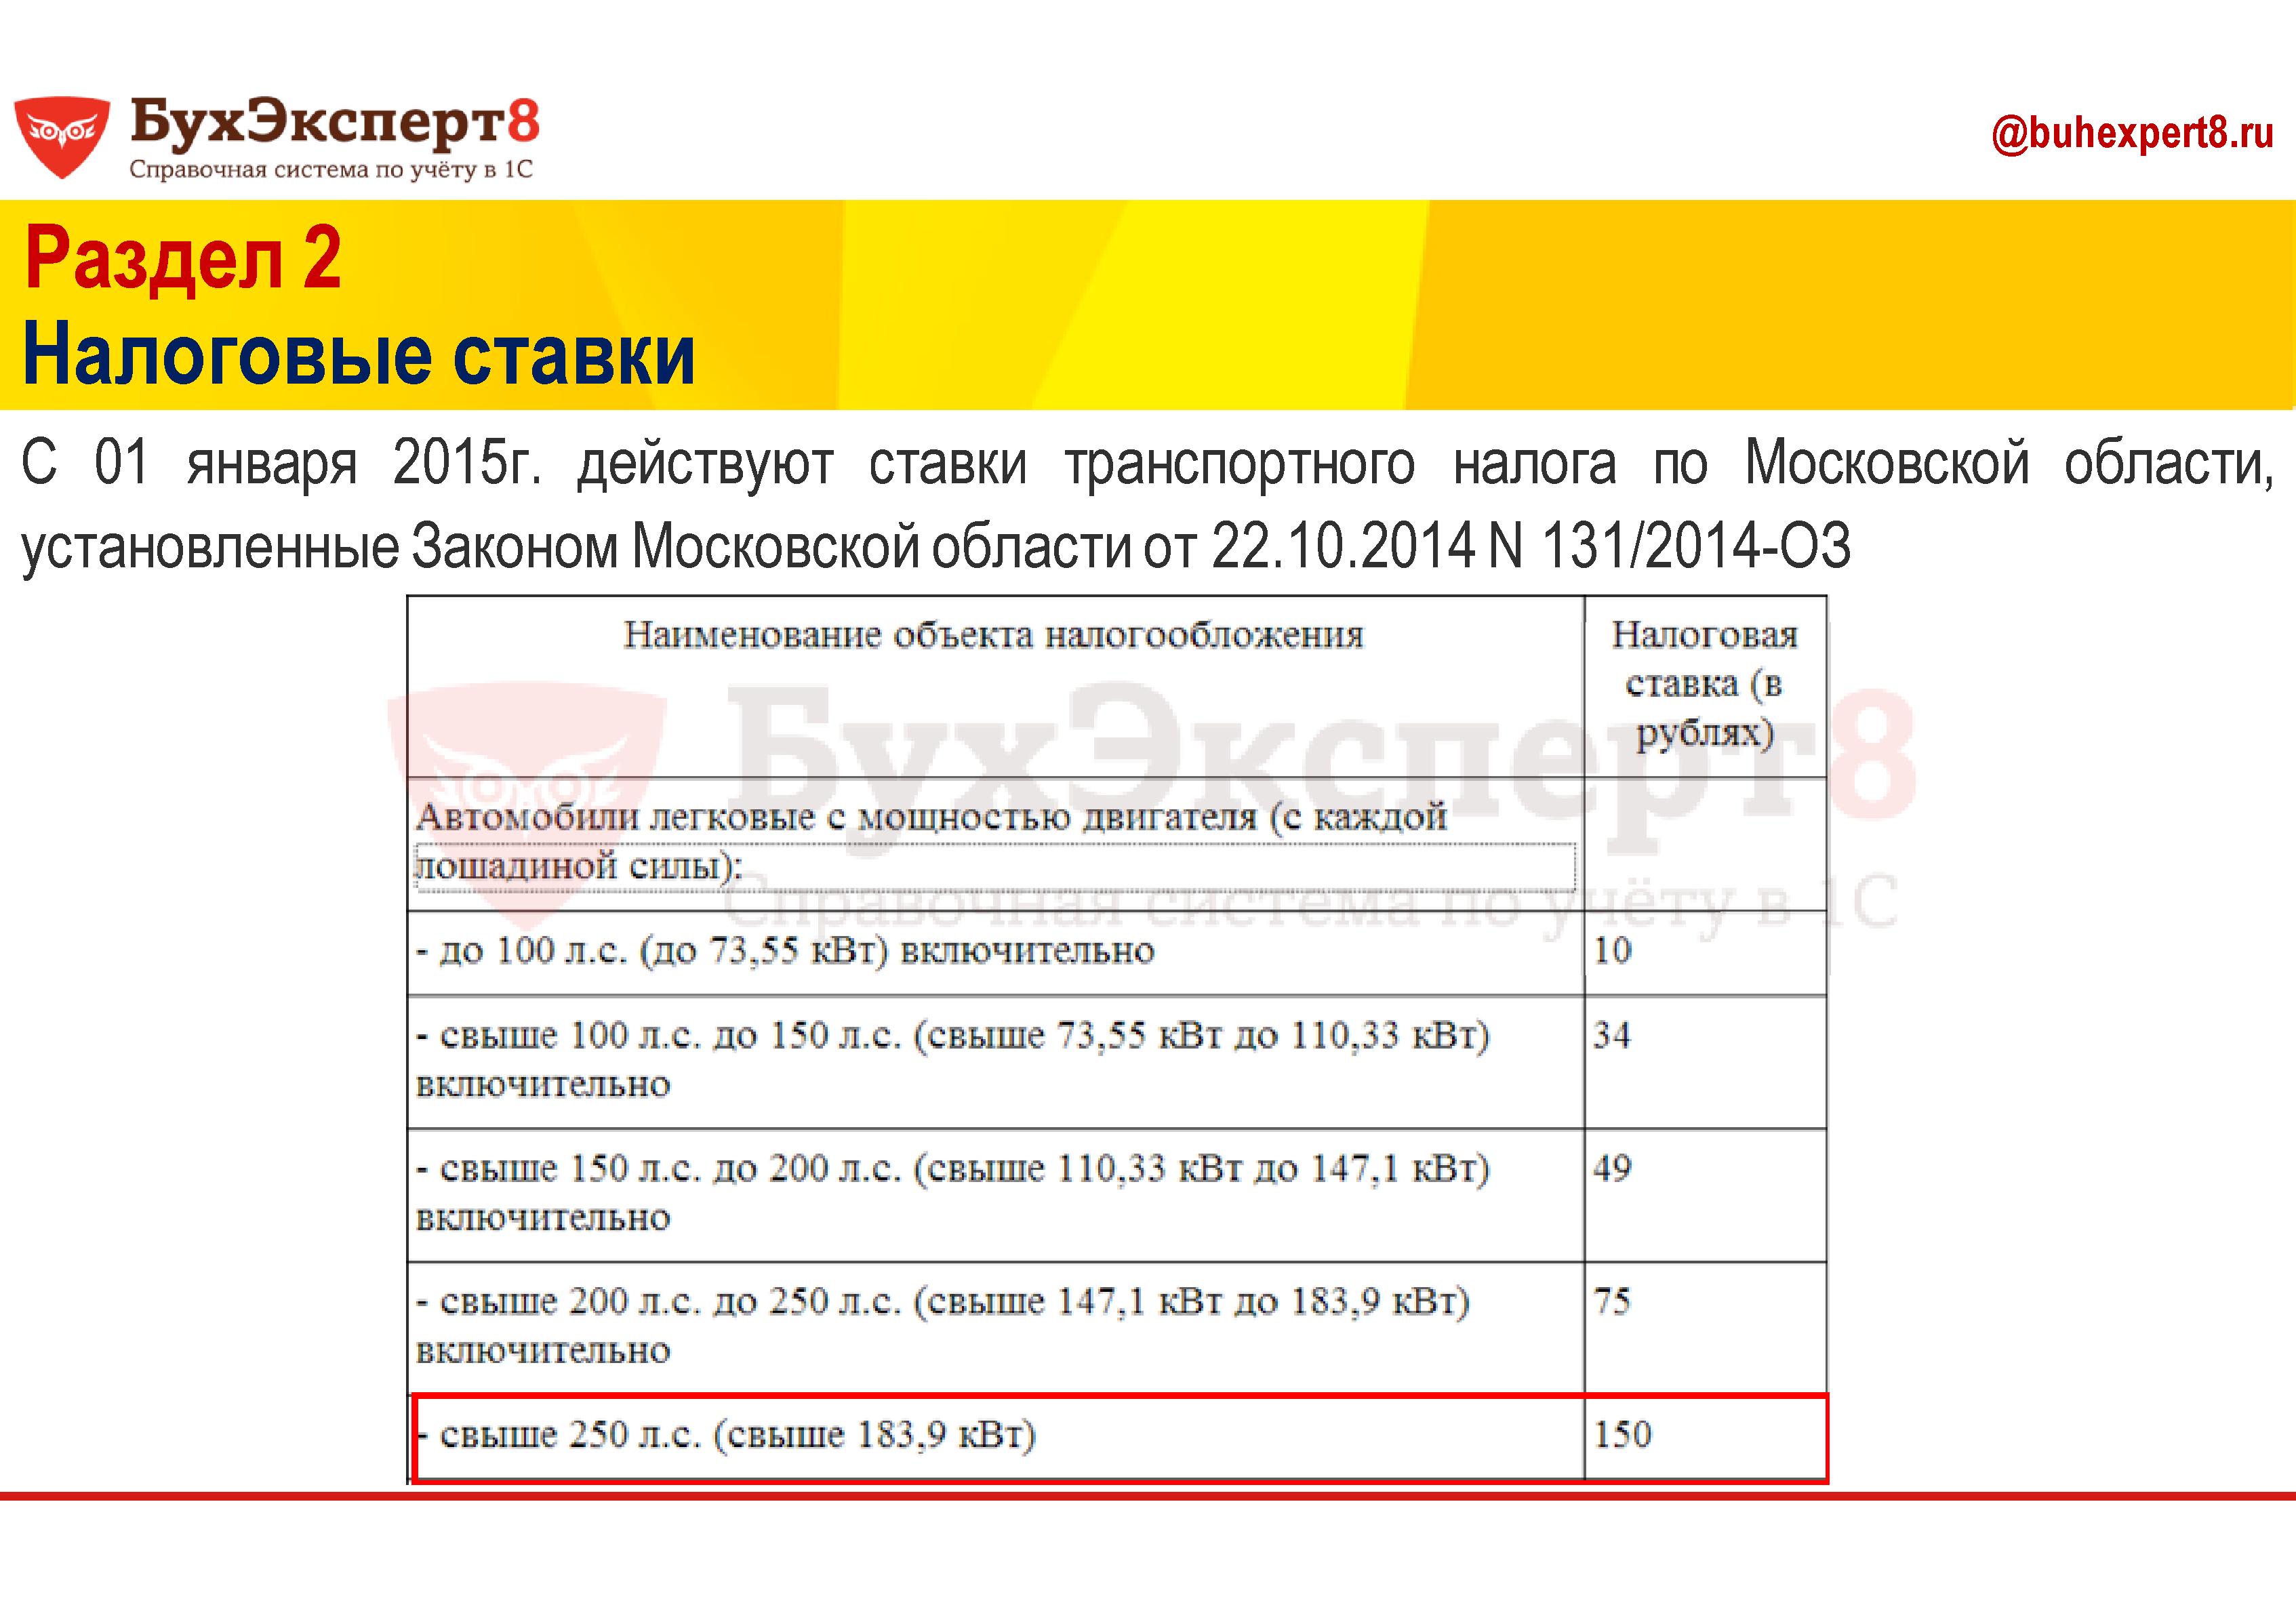 Раздел 2 Налоговые ставки С 01 января 2015г. действуют ставки транспортного налога по Московской области, установленные Законом Московской области от 22.10.2014 N 131/2014-ОЗ